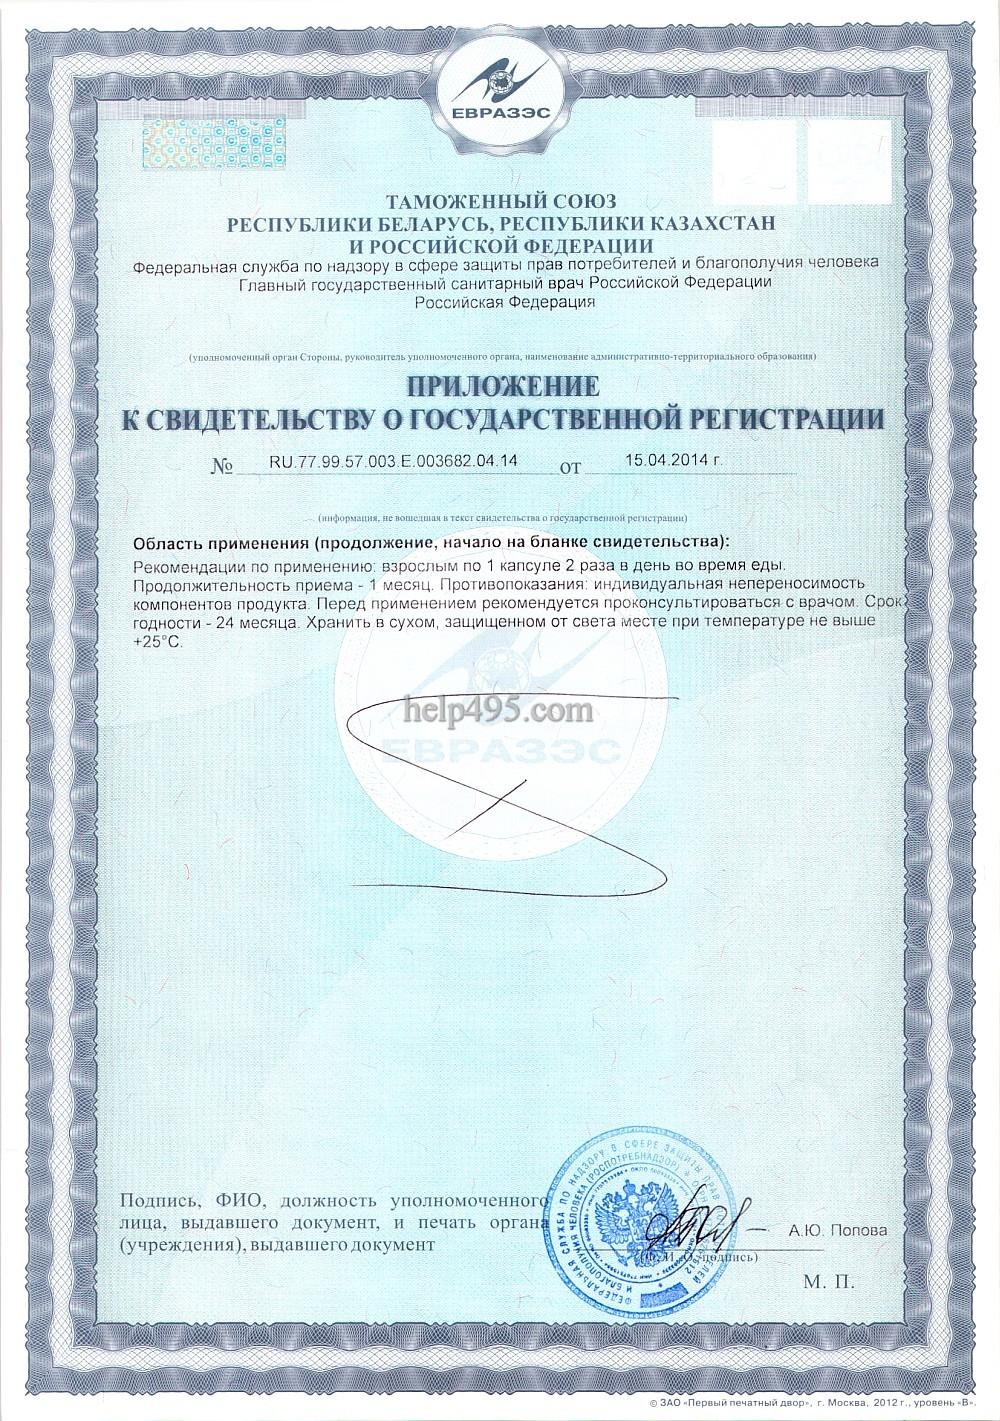 2-ая стр. сертификата препарата: Капсулы вэйкан Тяньши